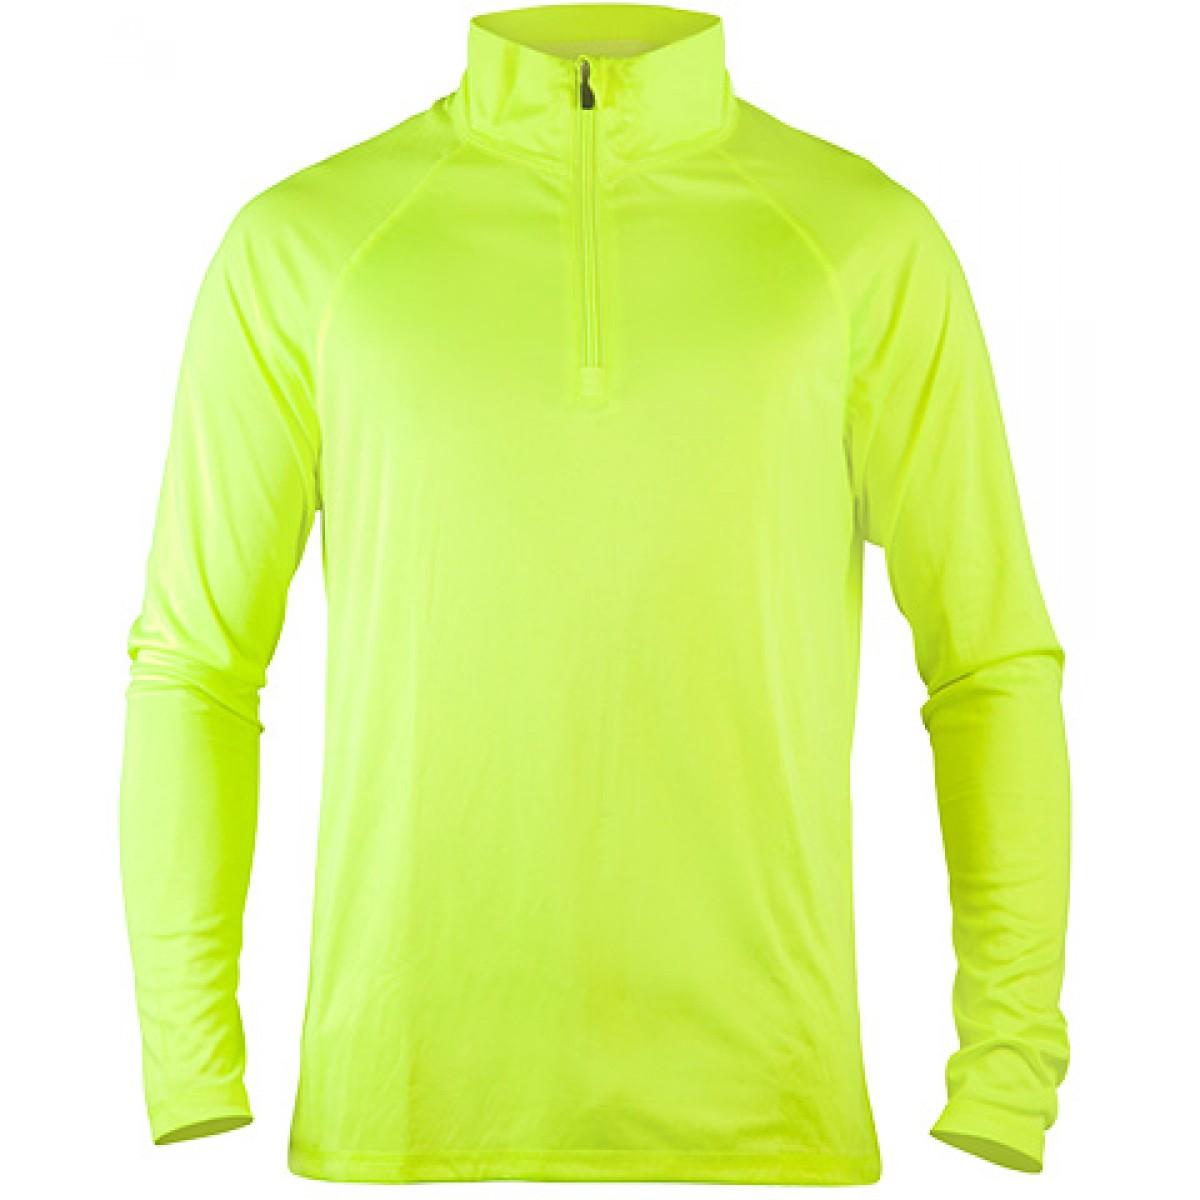 Men's Quarter-Zip Lightweight Pullover-Neon Green-S